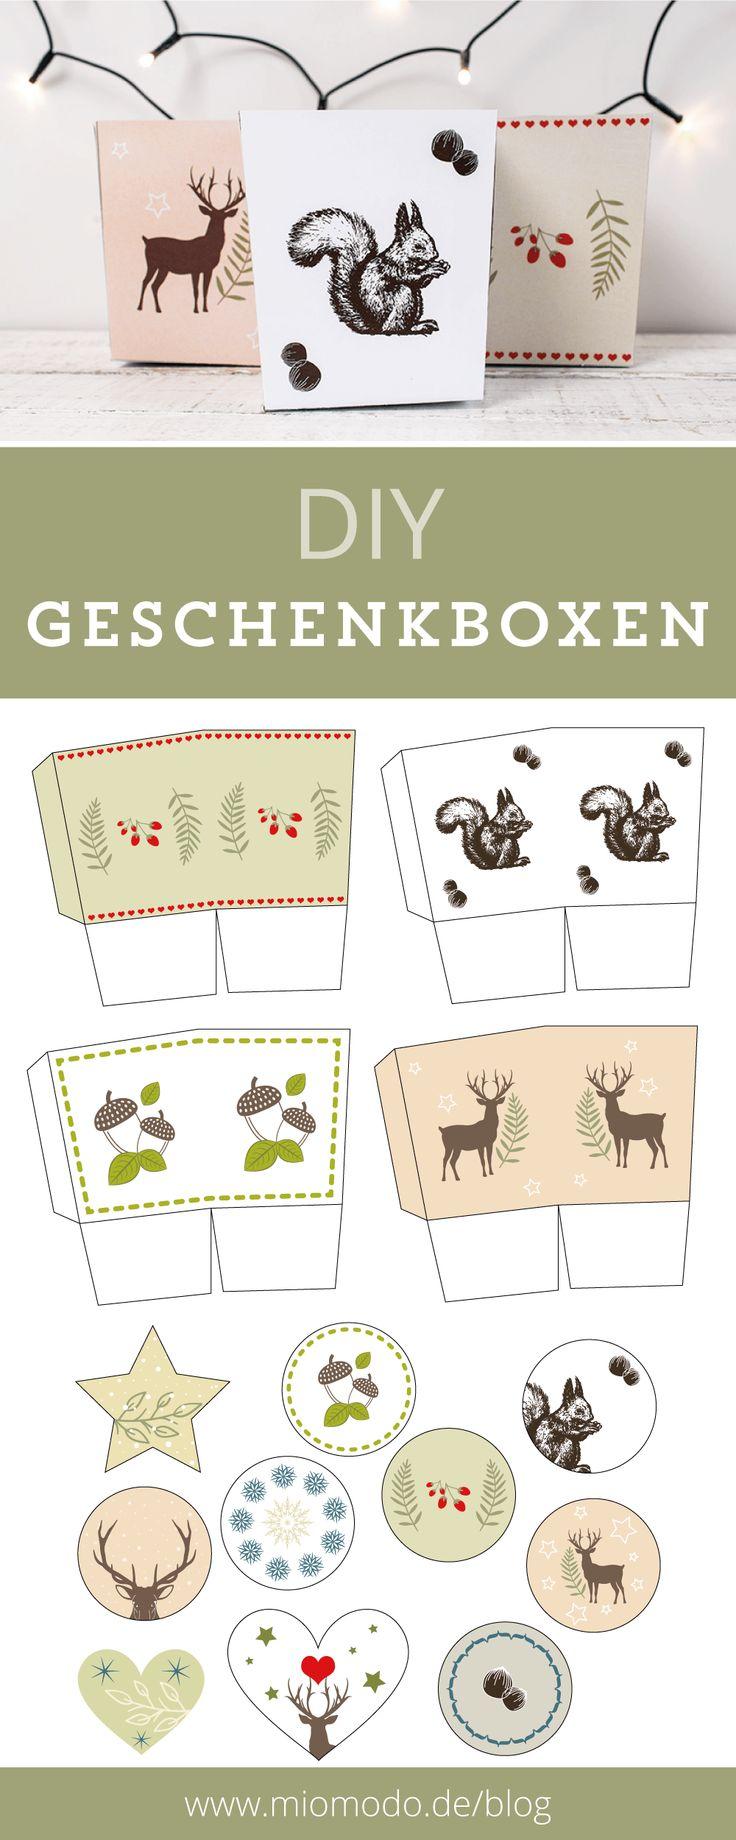 DIY Geschenkboxen für Weihnachten   Weihnachten DIY, weihnachten basteln, geschenkboxen weihnachten basteln, geschenkverpackungen diy weihnachten